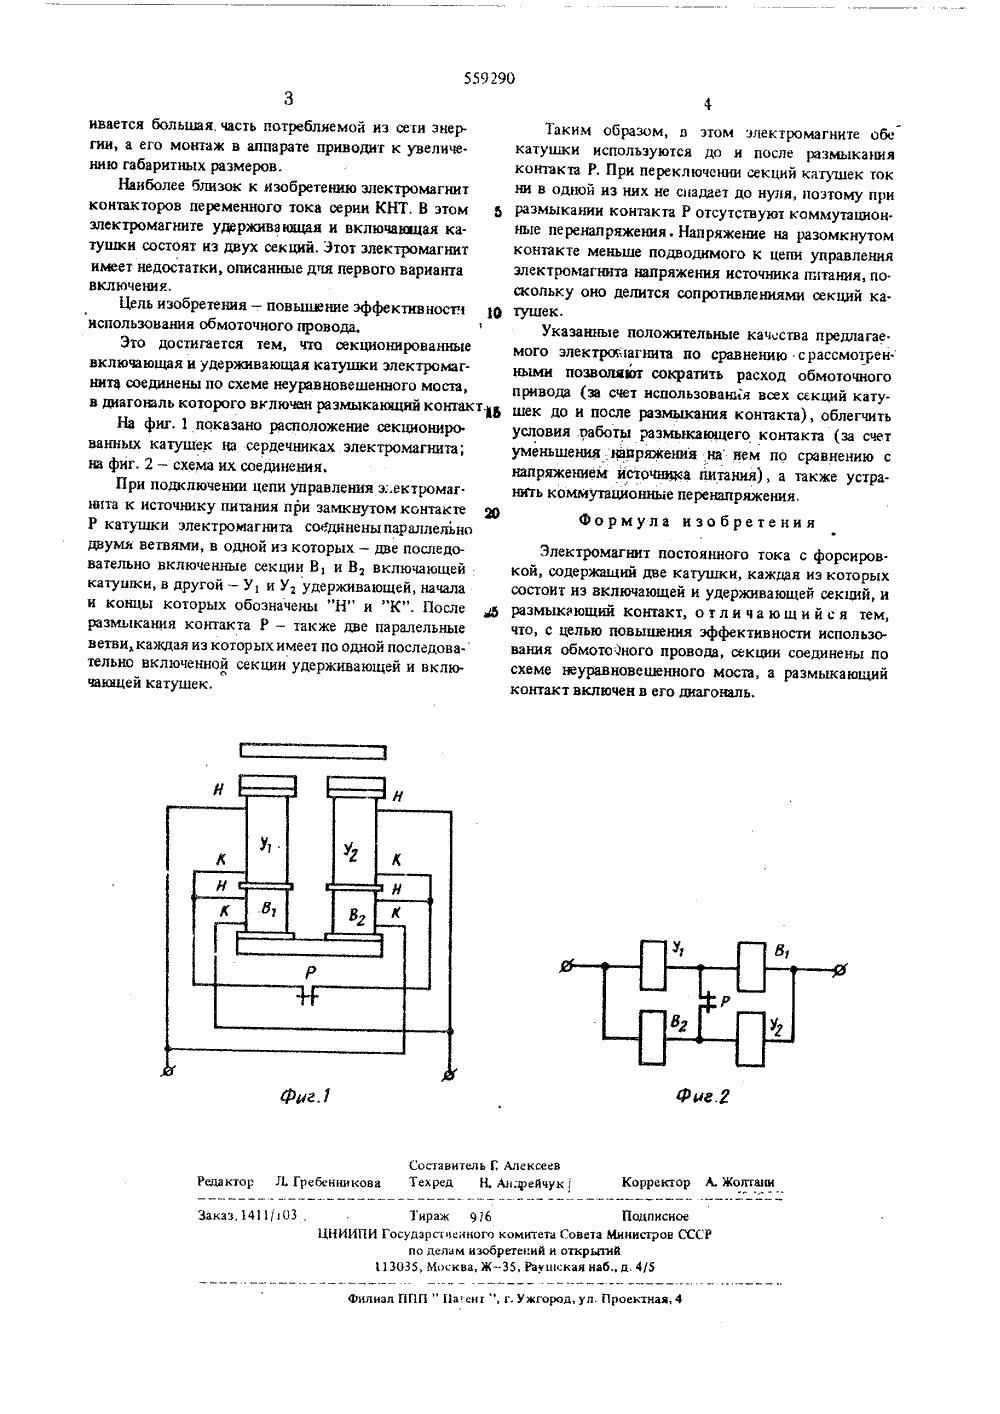 Электромагнит постоянного тока с форсировкой. Страница 2.